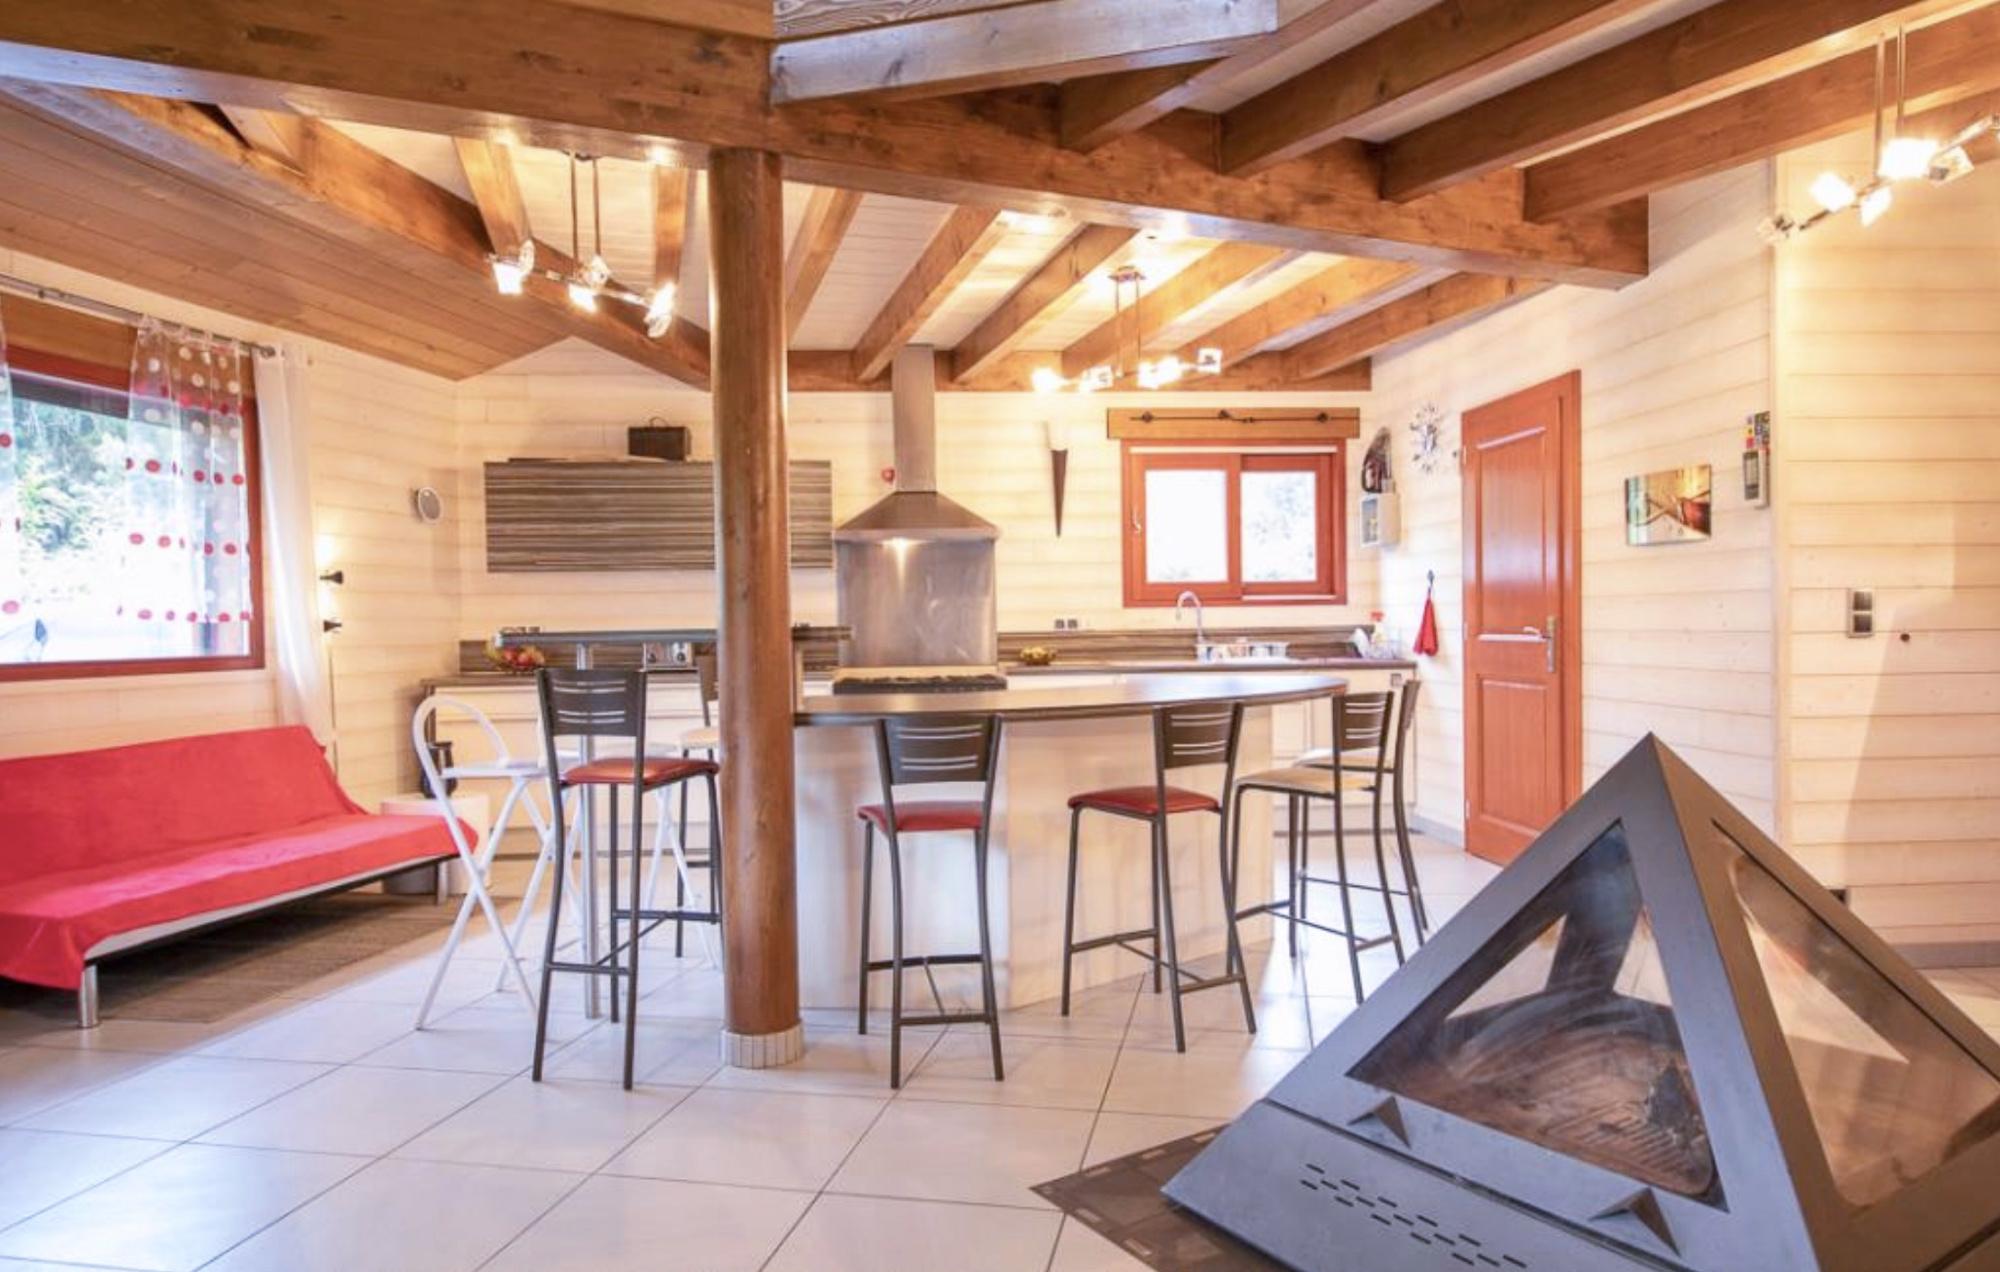 Chalet for sale in Morzine France